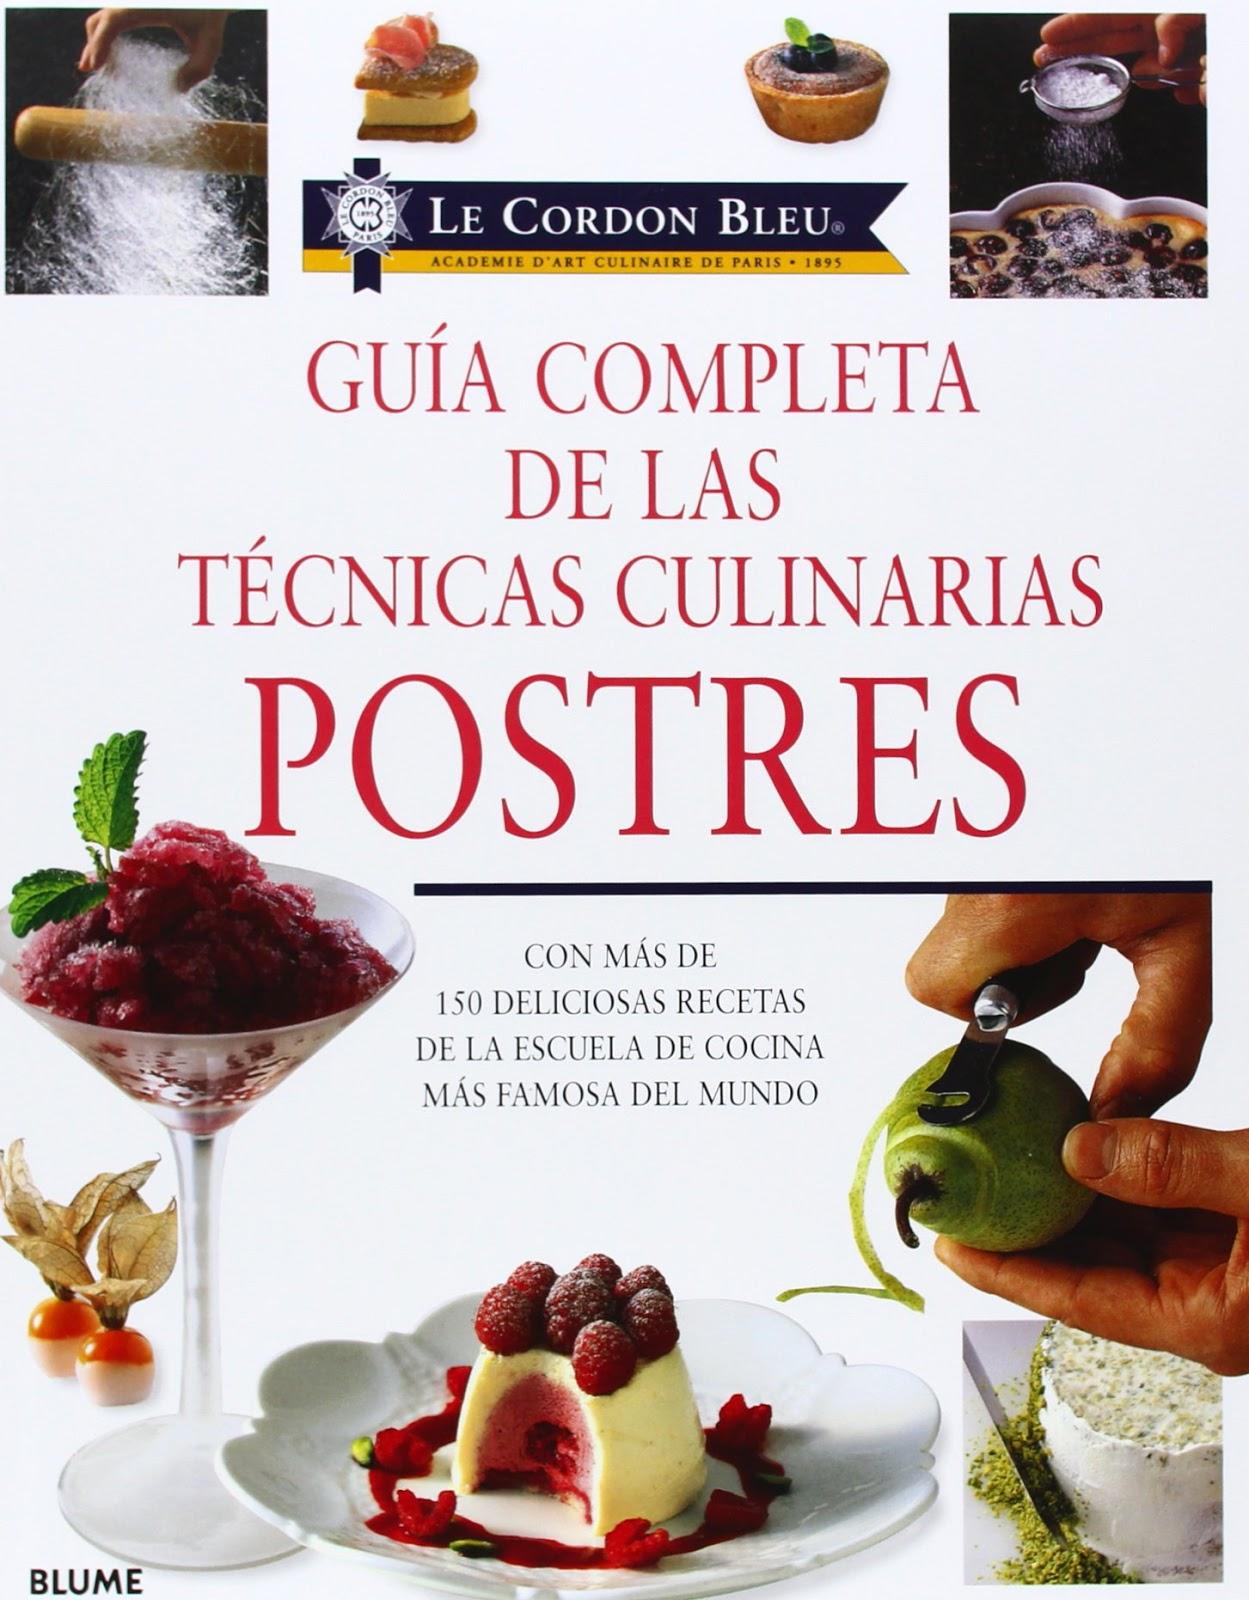 Recetas De Cocina Pdf Descargar   Guia Completa De Las Tecnicas Culinarias Postres Le Cordon Bleu A